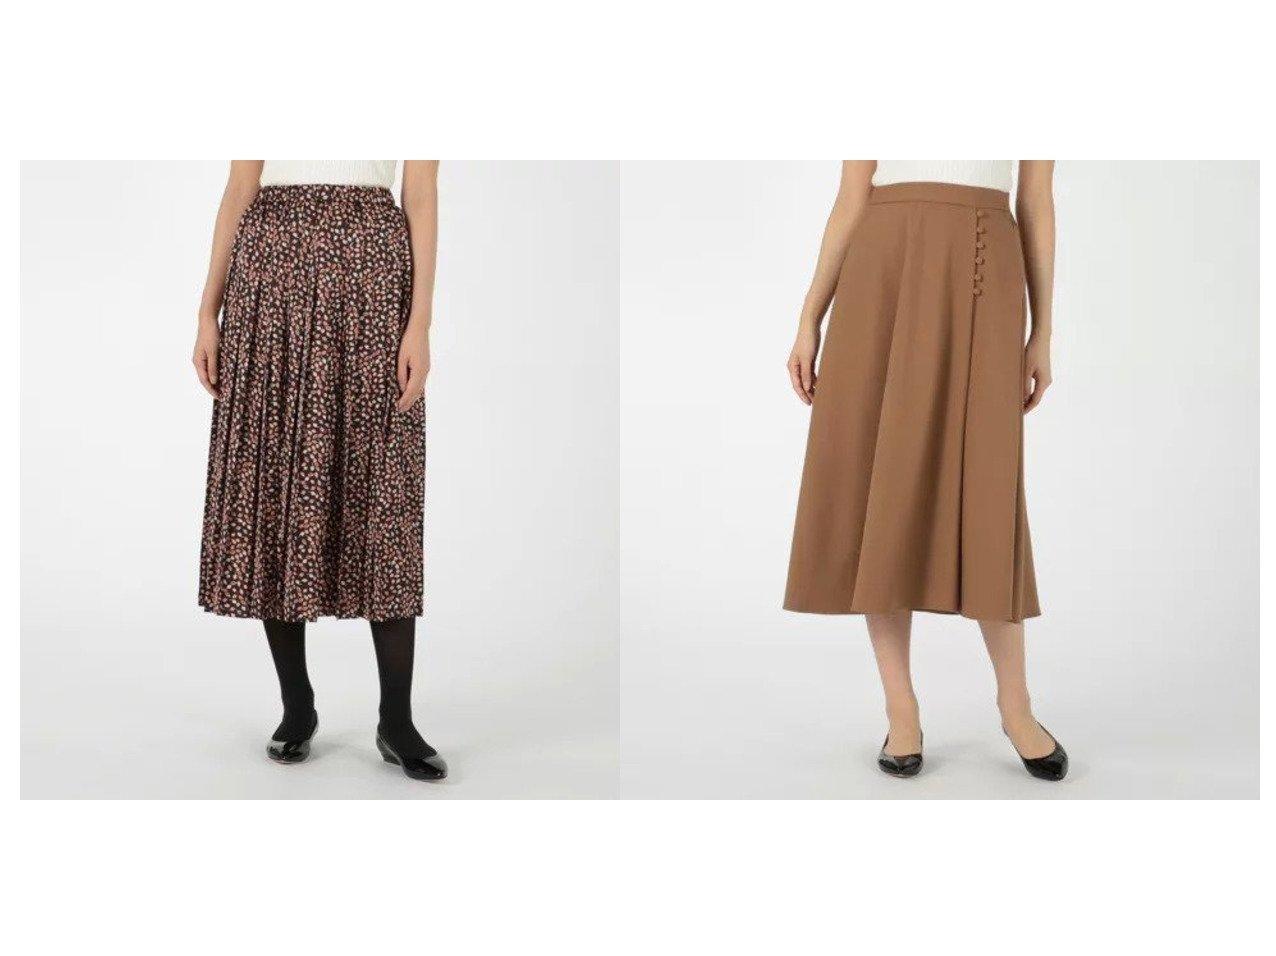 【MELROSE claire/メルローズ クレール】のTRストレッチツイルラップ風フレアスカート&リーフプリントプリーツロングスカート スカートのおすすめ!人気、レディースファッションの通販 おすすめで人気のファッション通販商品 インテリア・家具・キッズファッション・メンズファッション・レディースファッション・服の通販 founy(ファニー) https://founy.com/ ファッション Fashion レディース WOMEN スカート Skirt ロングスカート Long Skirt Aライン/フレアスカート Flared A-Line Skirts エレガント タイツ プリント プリーツ マキシ リーフ ロング  ID:crp329100000001525